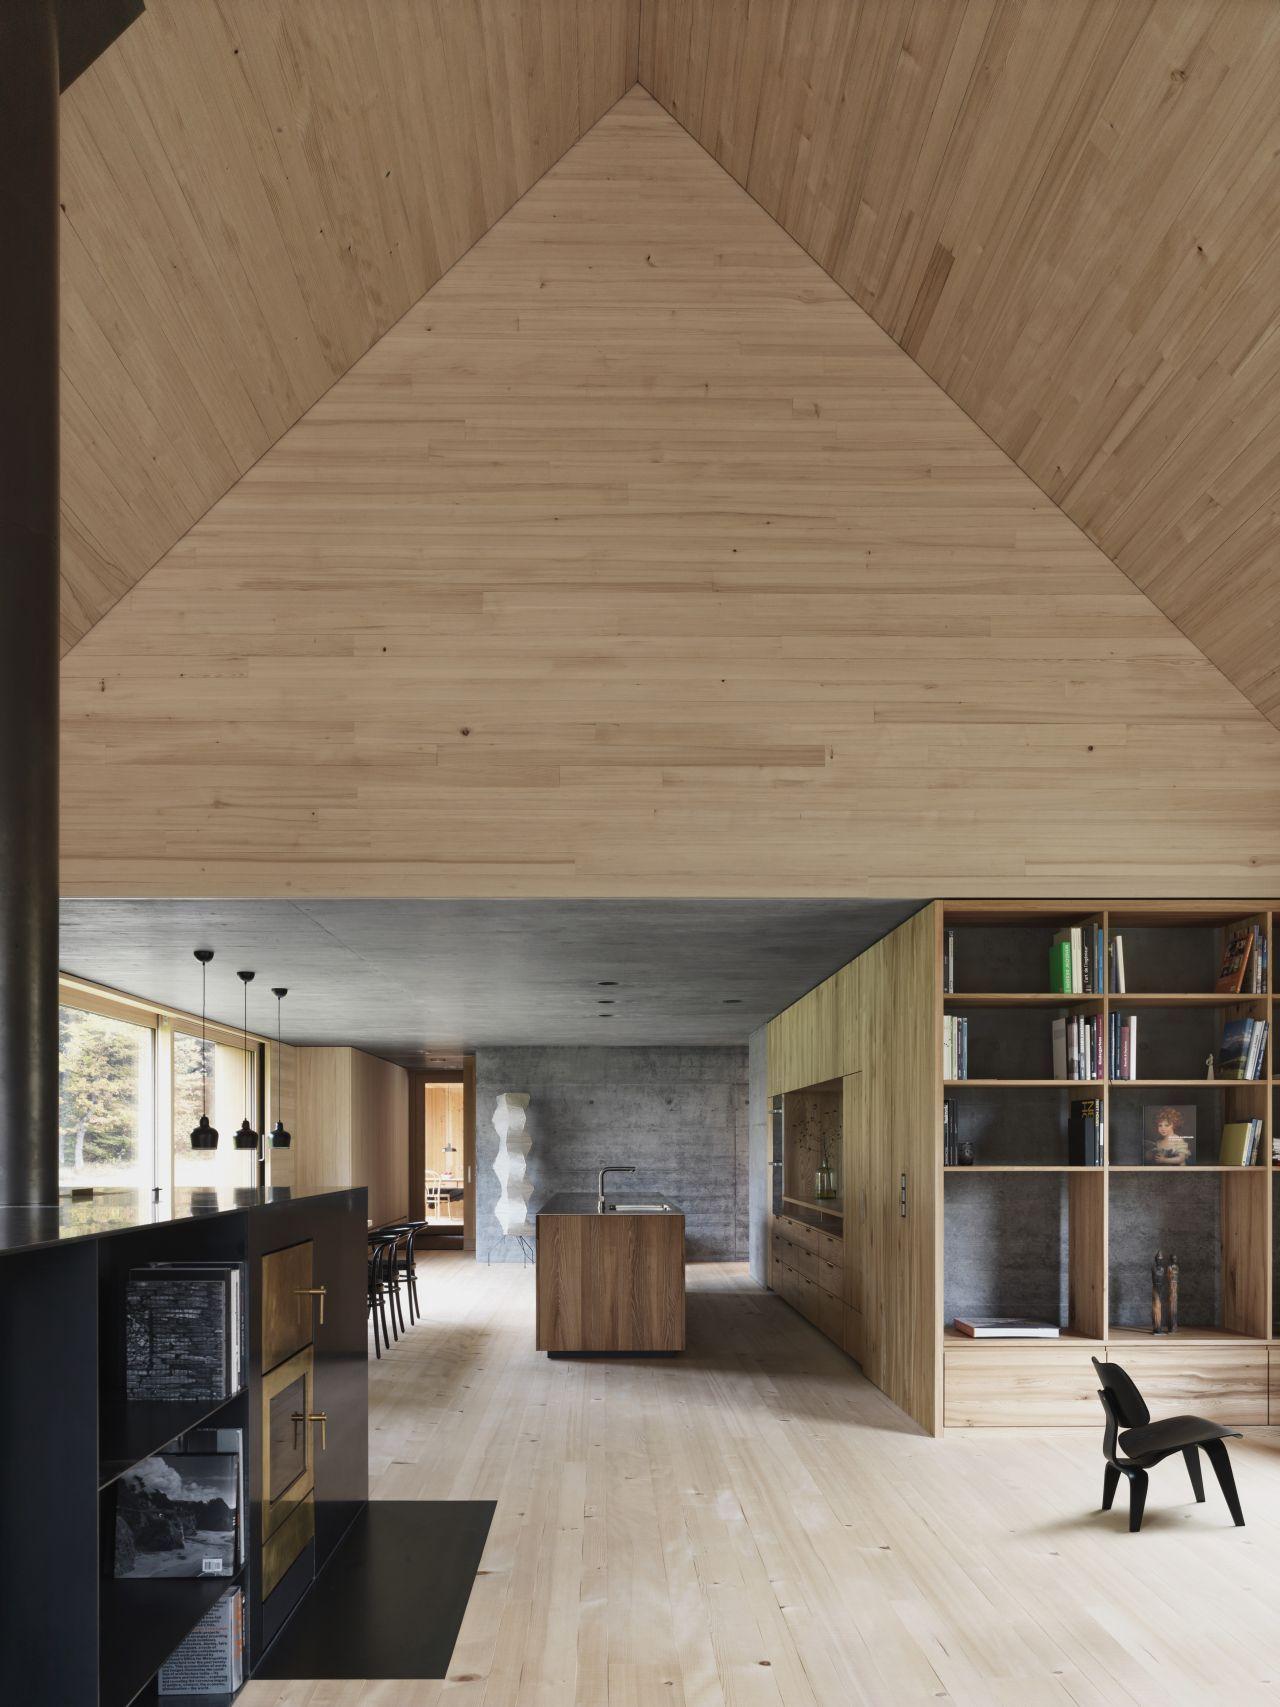 Home design bilder eine etage haus am moo  bernardo bader architects  interior with oomph